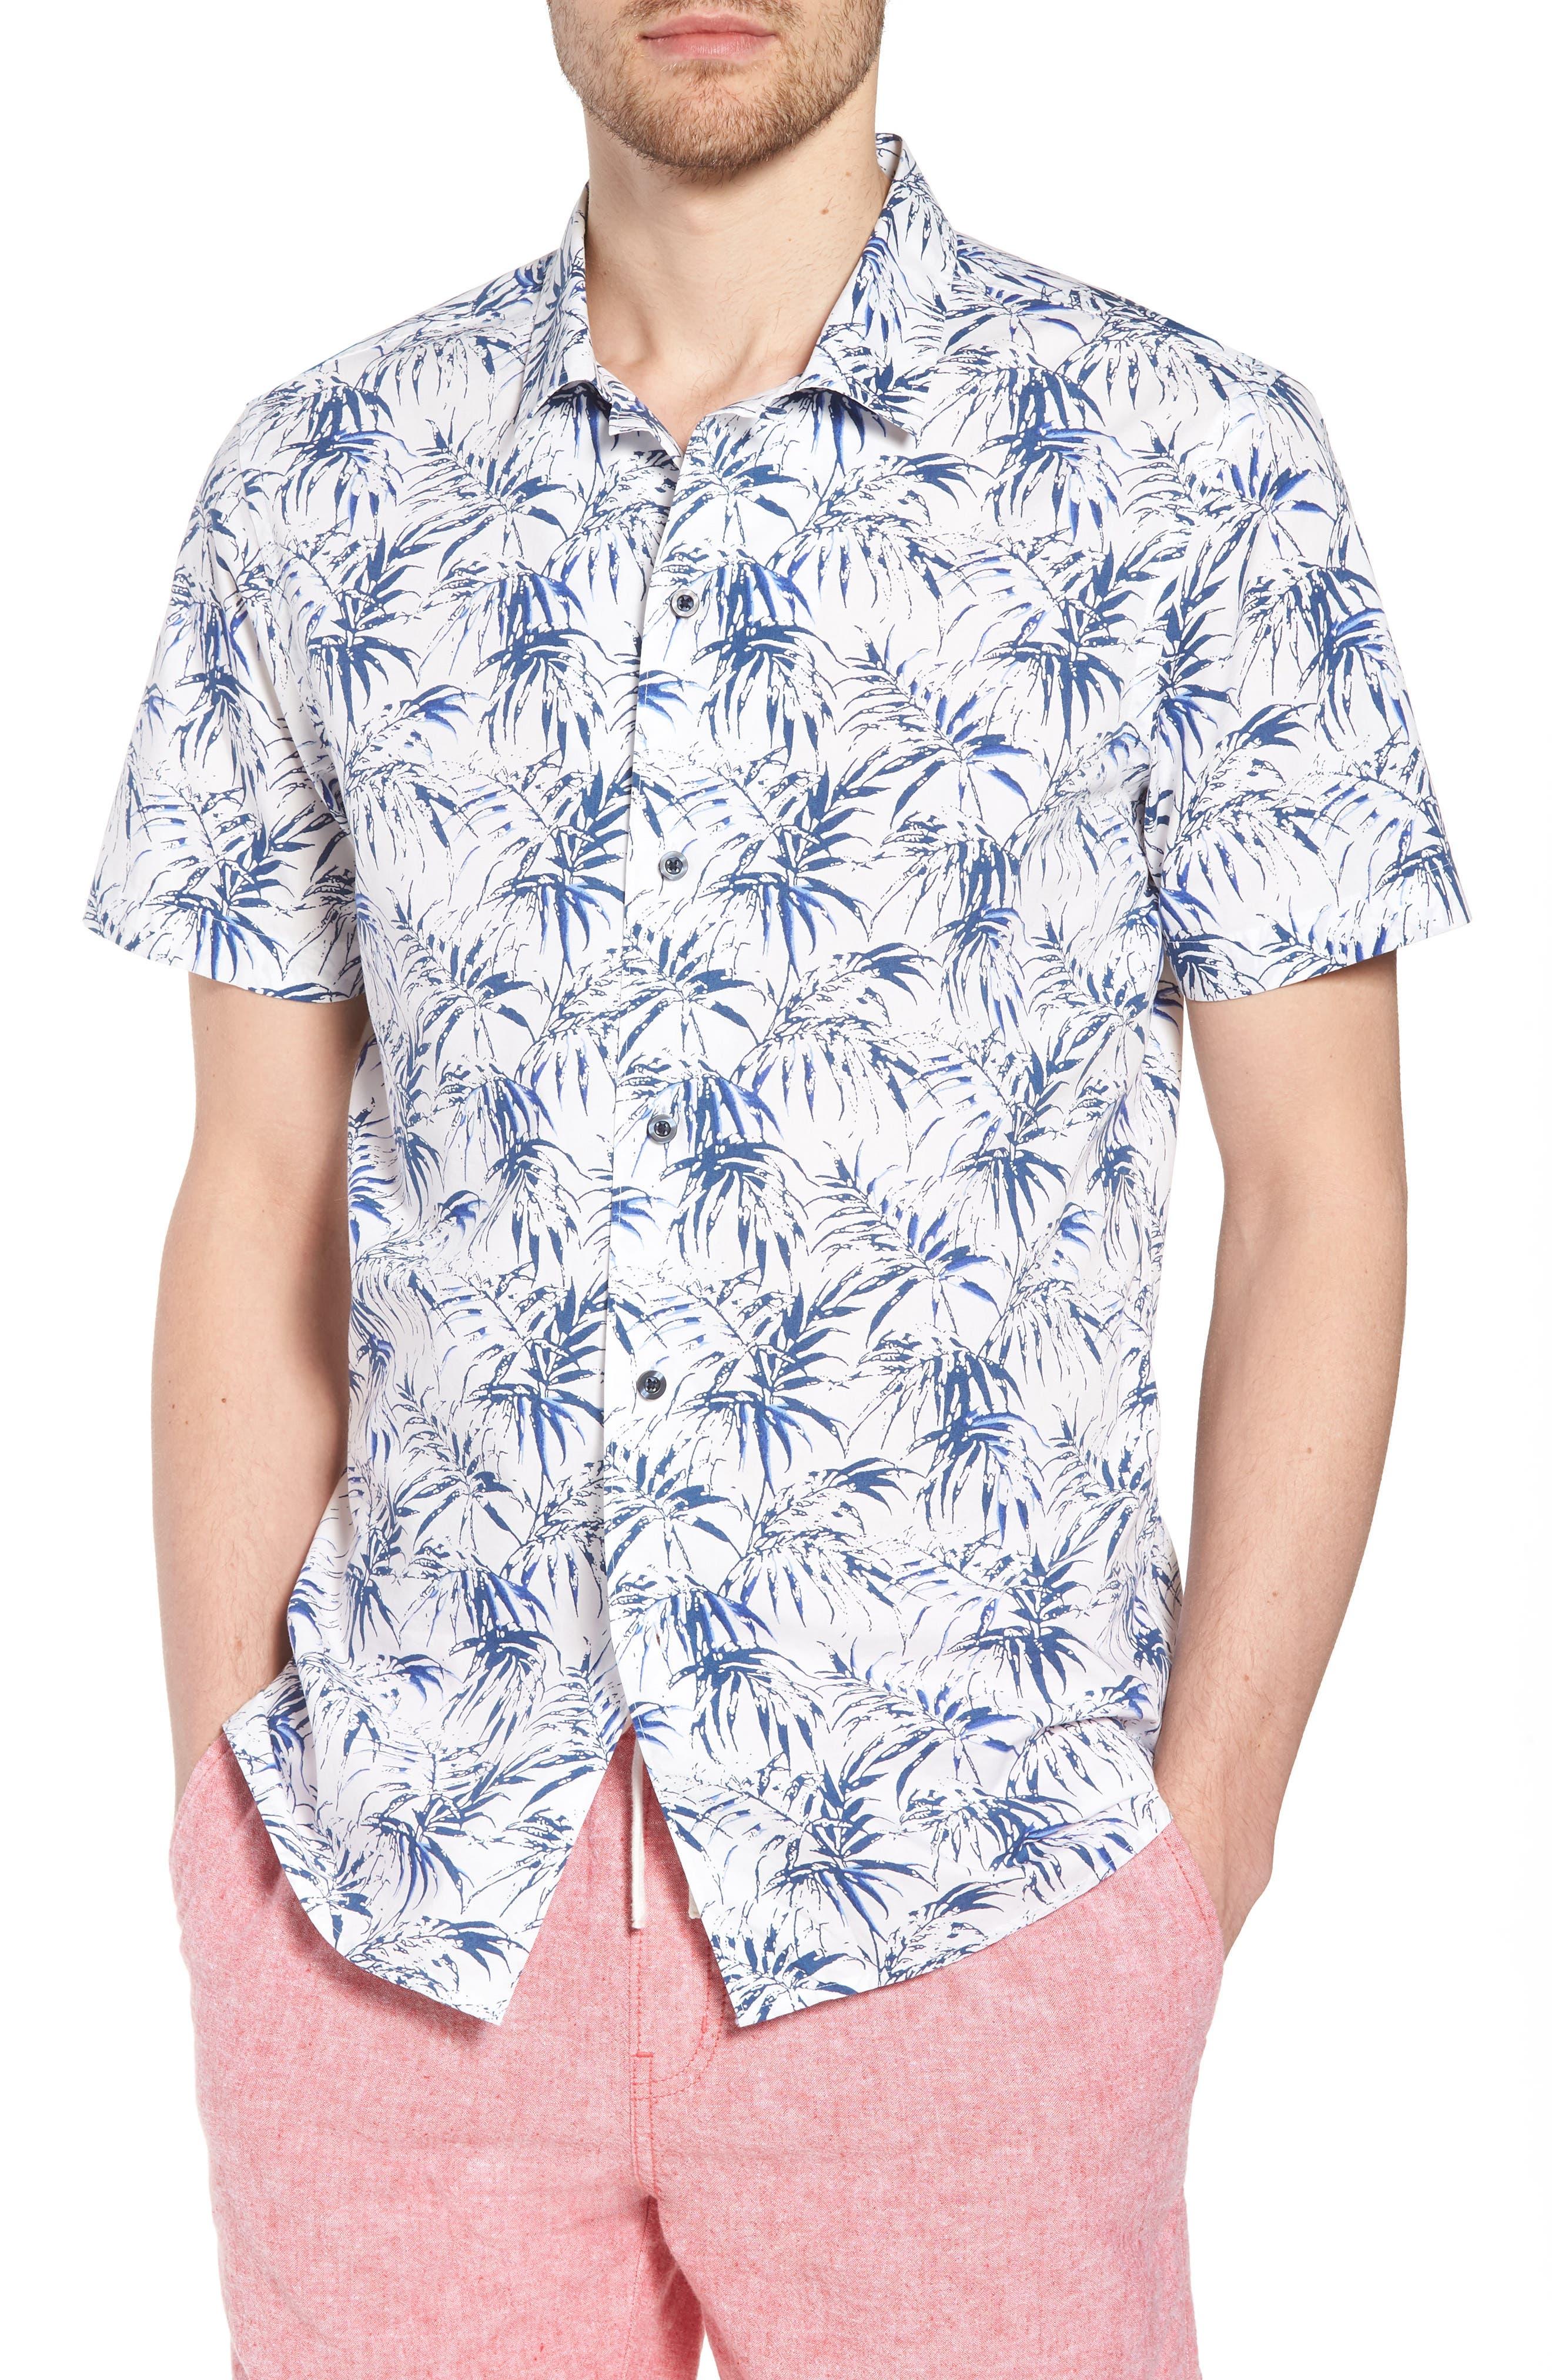 Main Image - 1901 Trim Fit Palm Print Camp Shirt